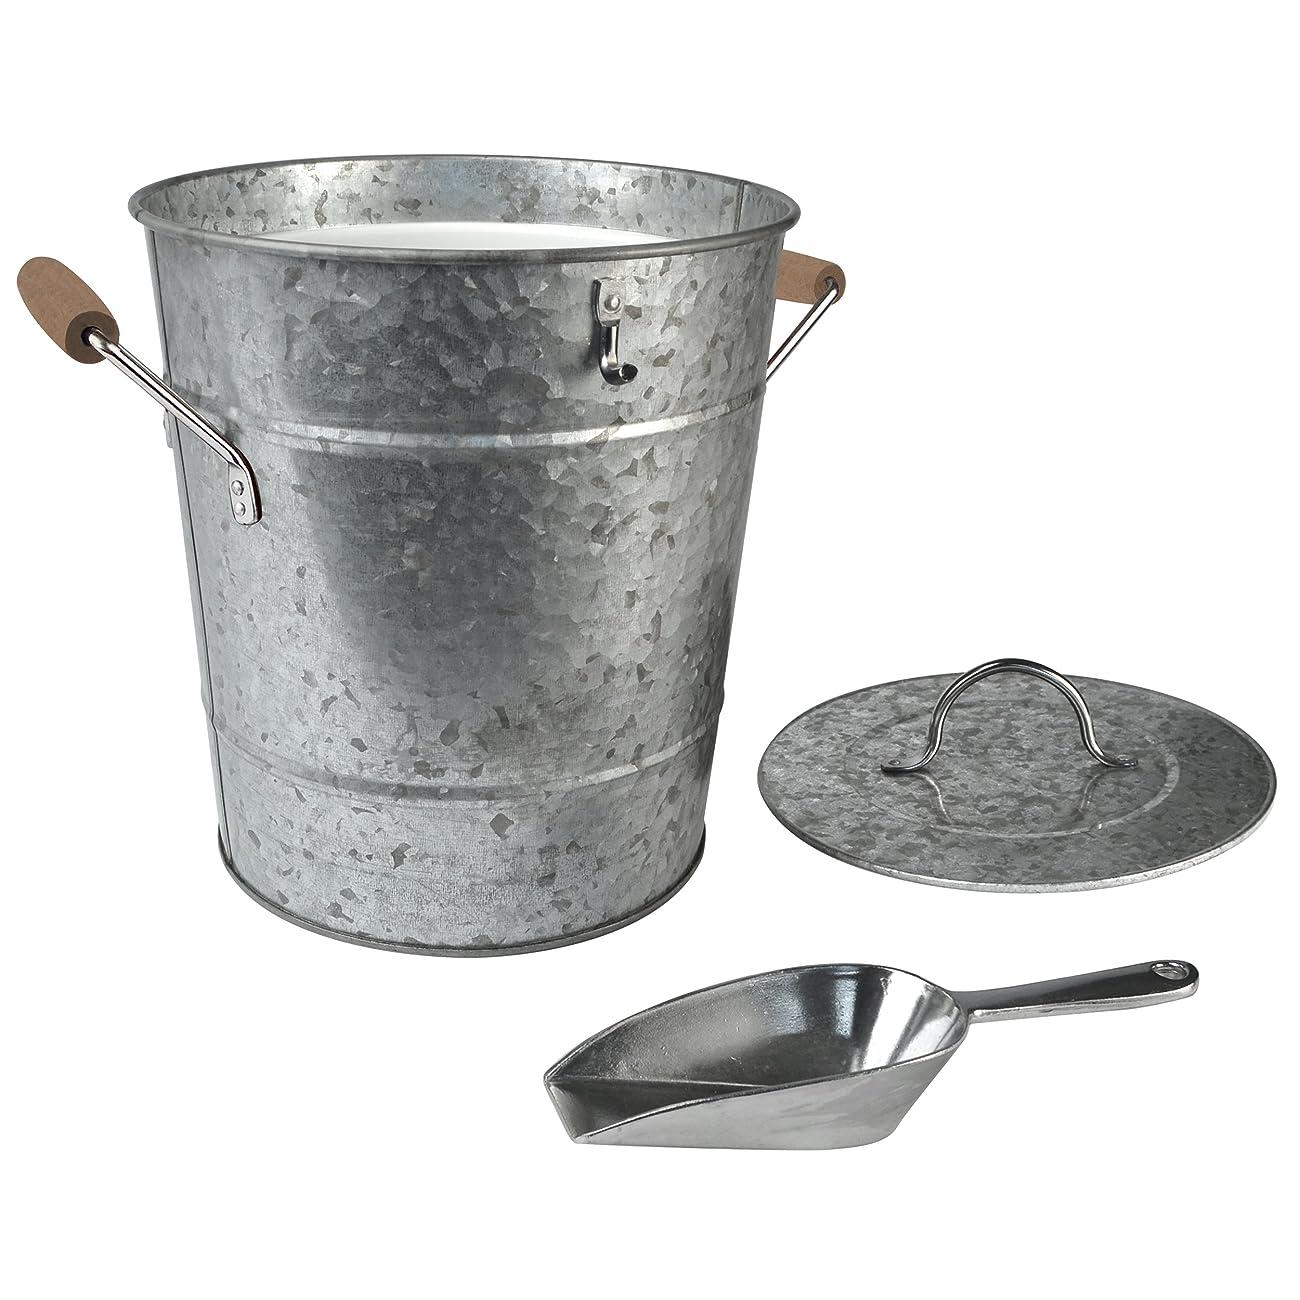 Artland Oasis Ice Bucket with Scoop, Galvanized, Metal 1